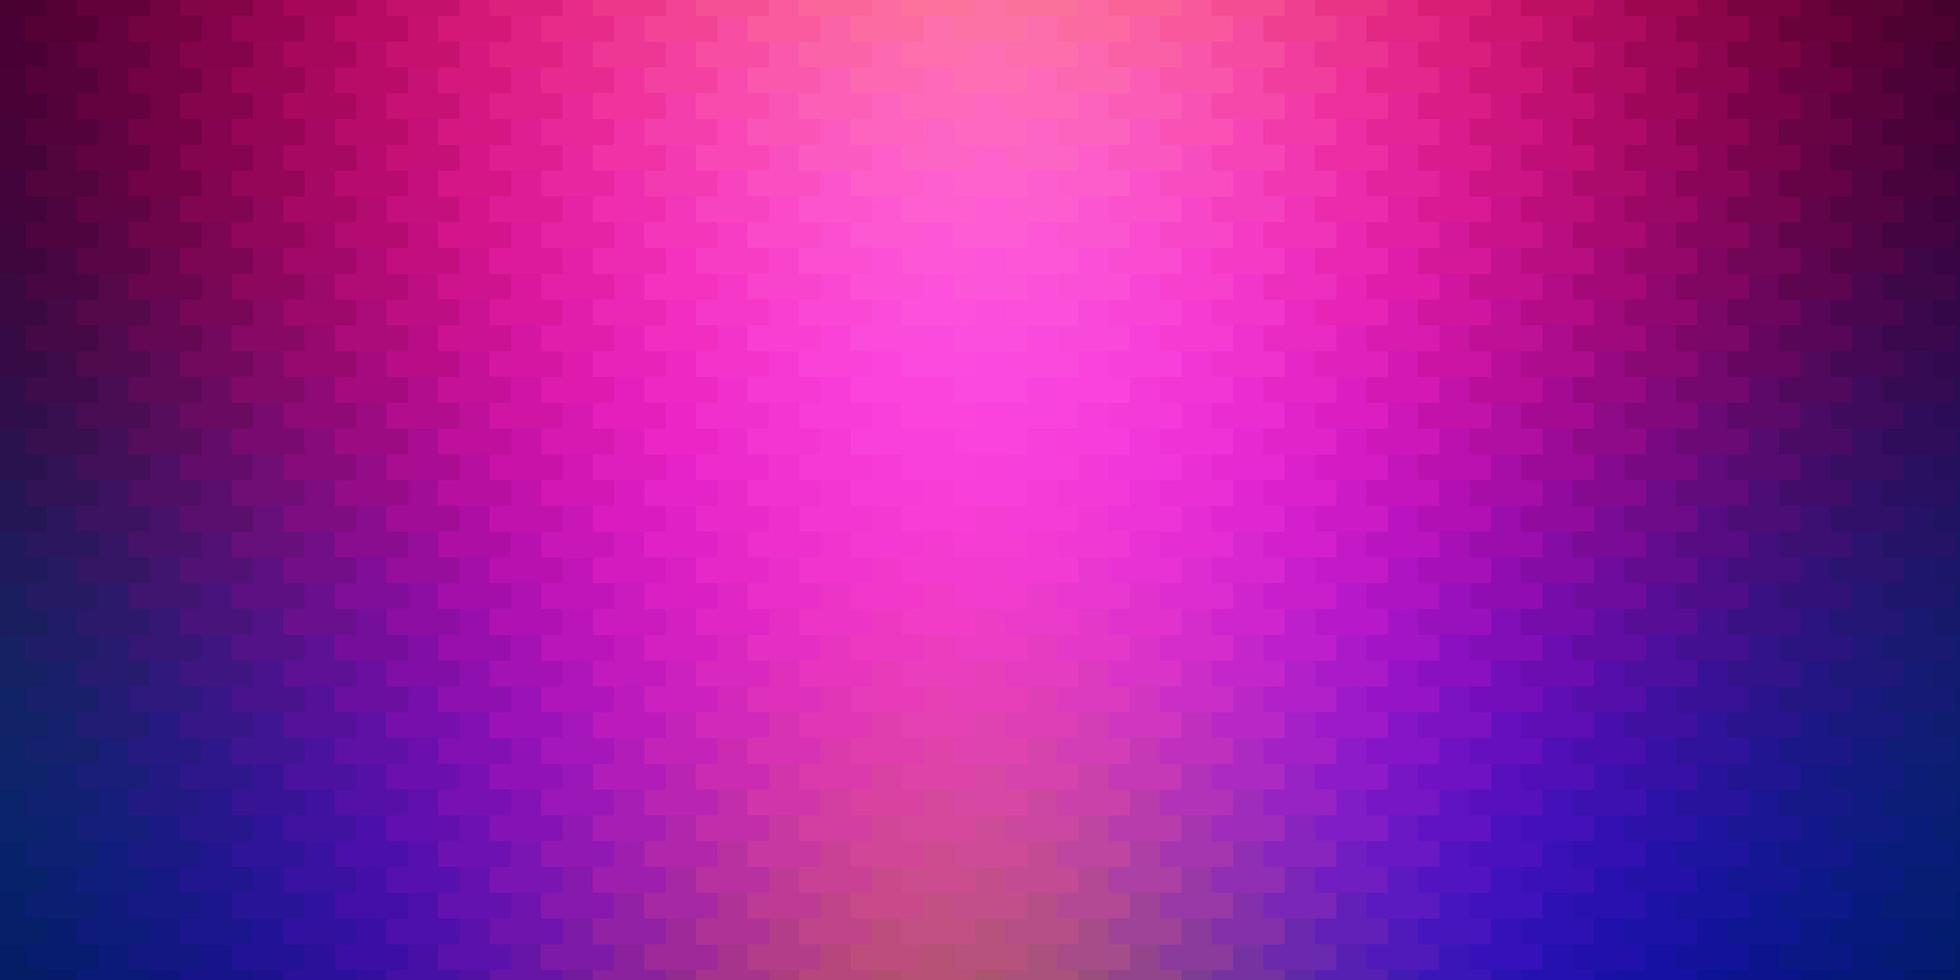 donkere veelkleurige vectorlay-out met lijnen, rechthoeken. vector